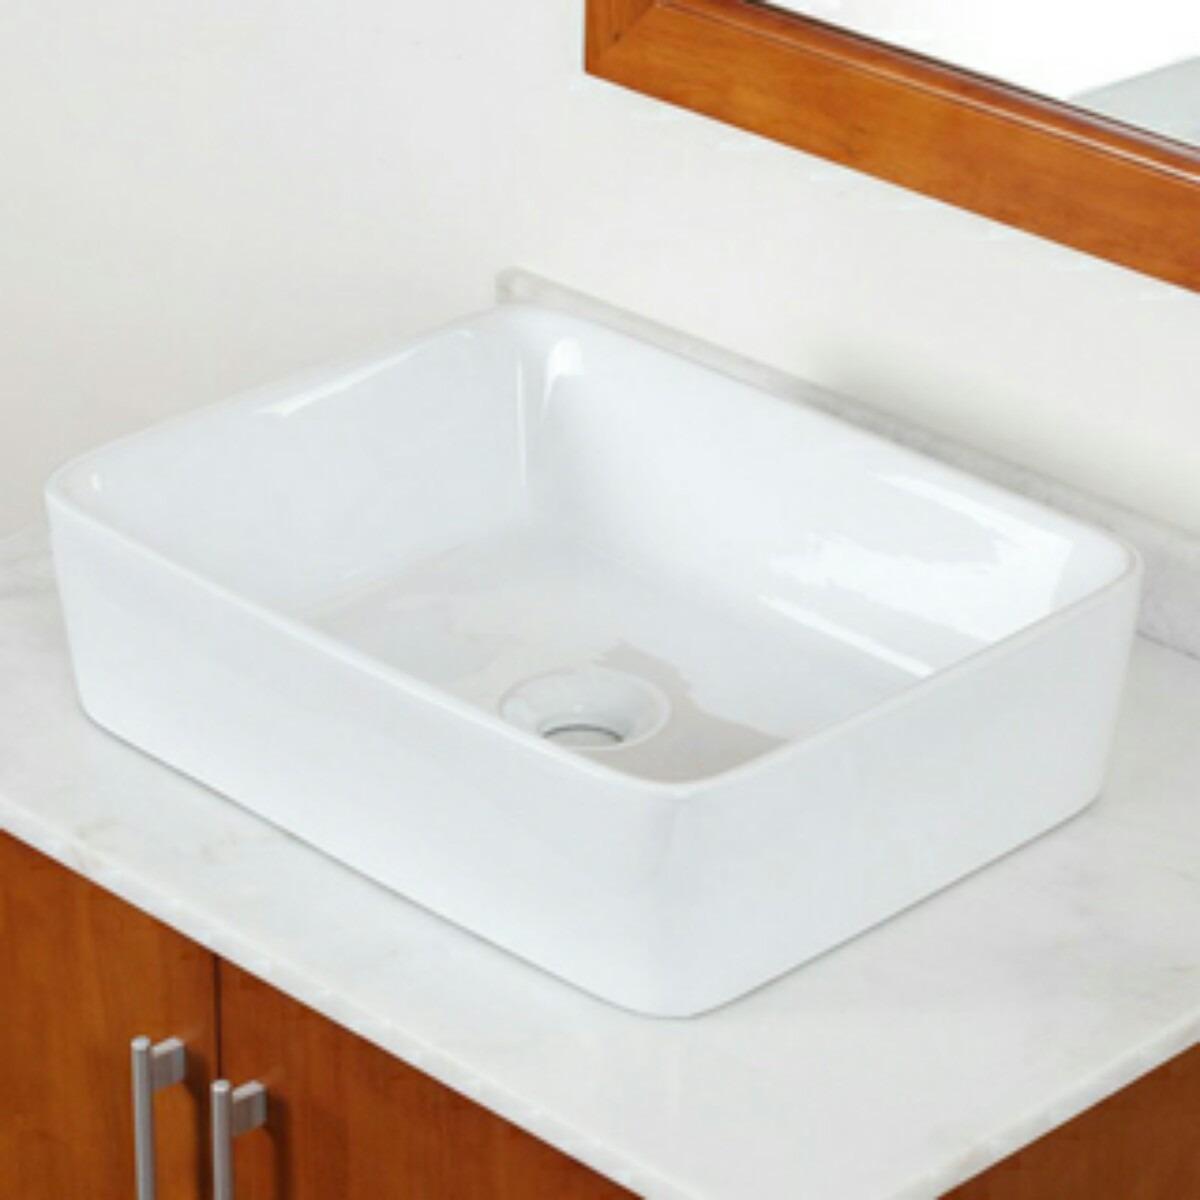 Cuba Cerâmica Retangular Banheiro Tipo Deca Roca Suite Luxo  R$ 289,90 em Me -> Cuba Banheiro Frete Gratis